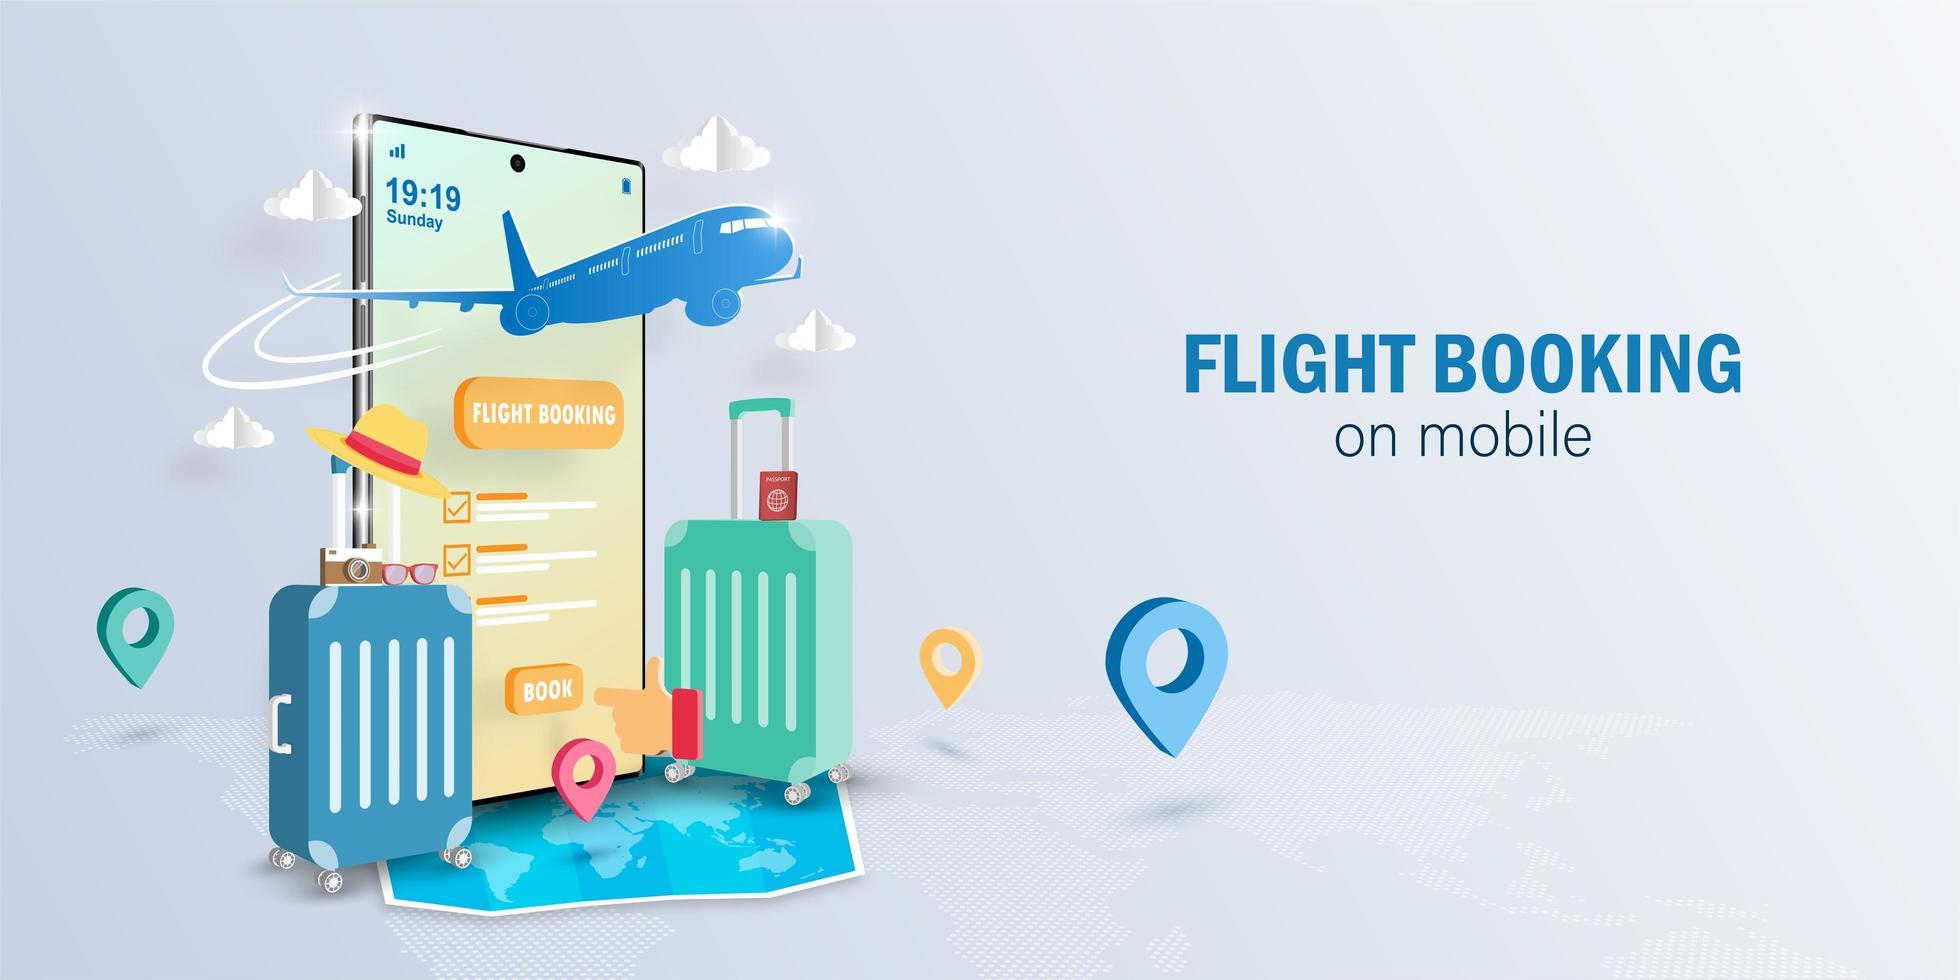 réservation de vol en ligne sur application smartphone vecteur